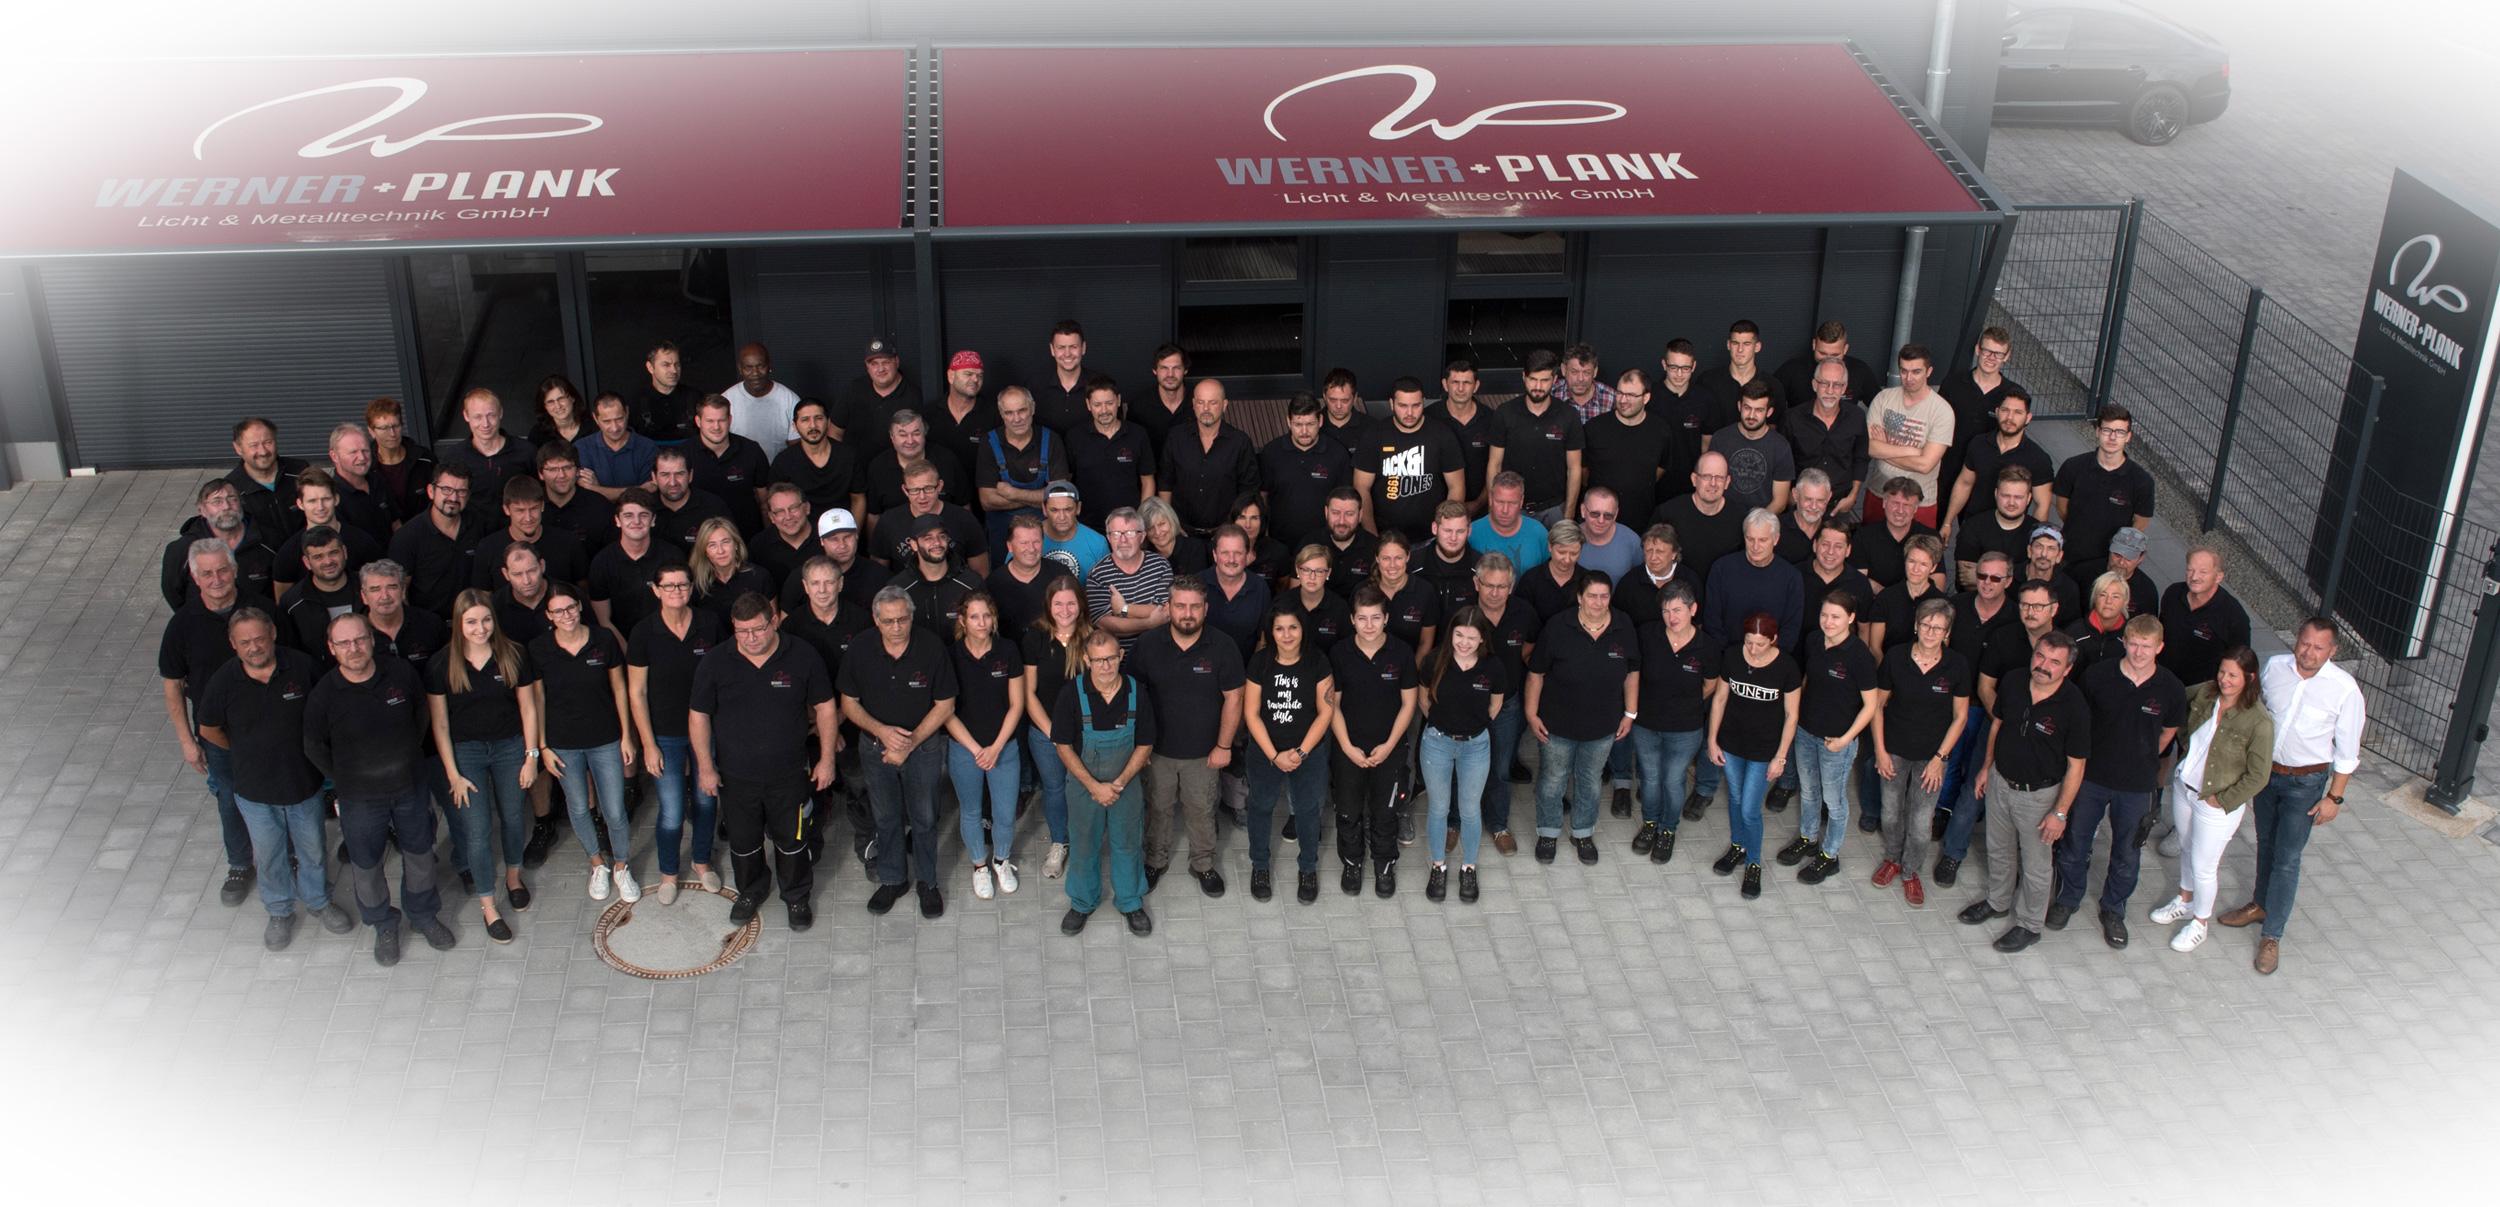 werner-plank-gruppenfoto-mitarbeiter